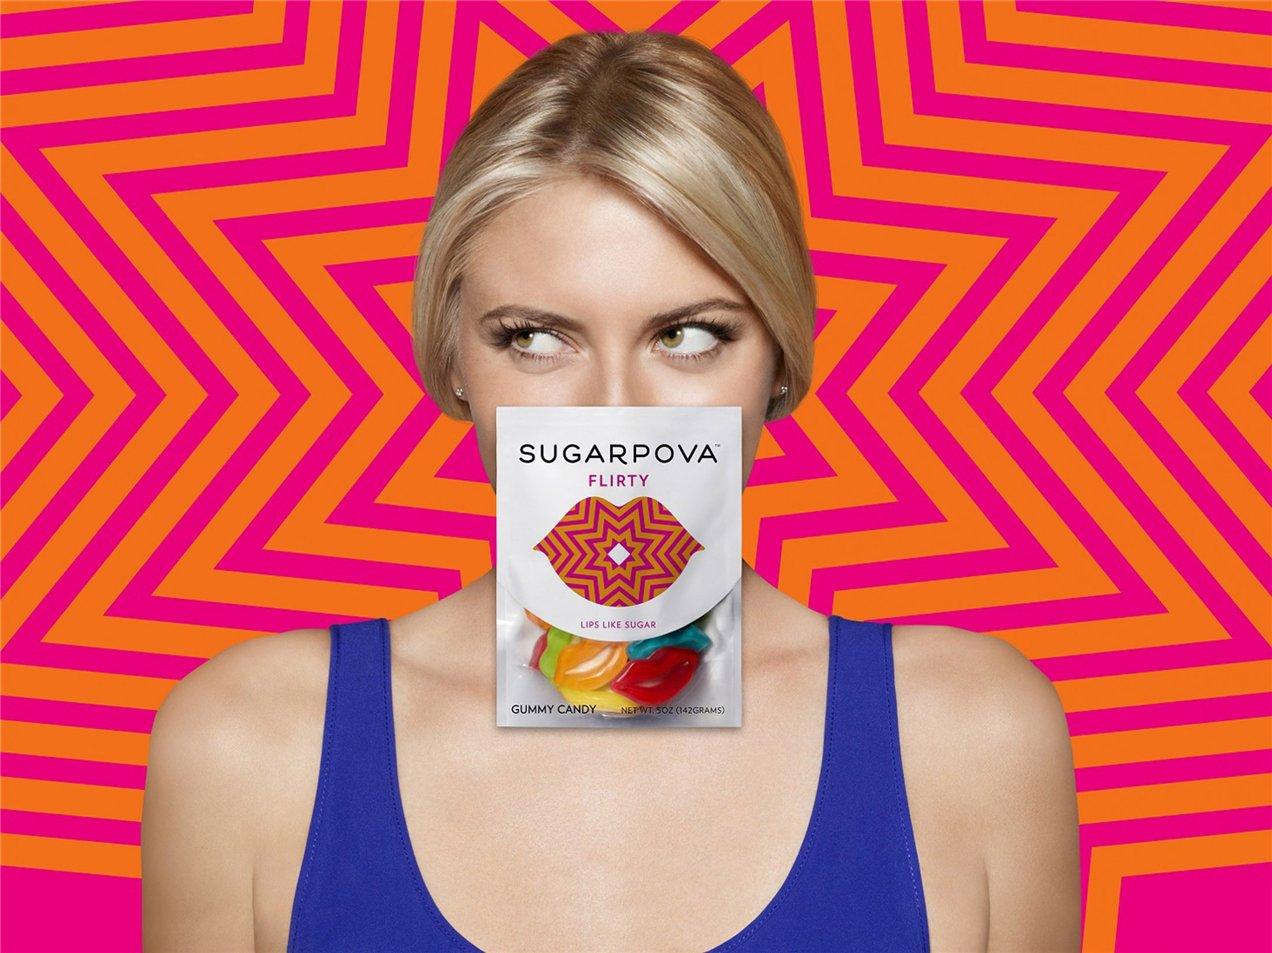 Маша Шарапова рекламирует конфеты под собственным брендом SugarPova